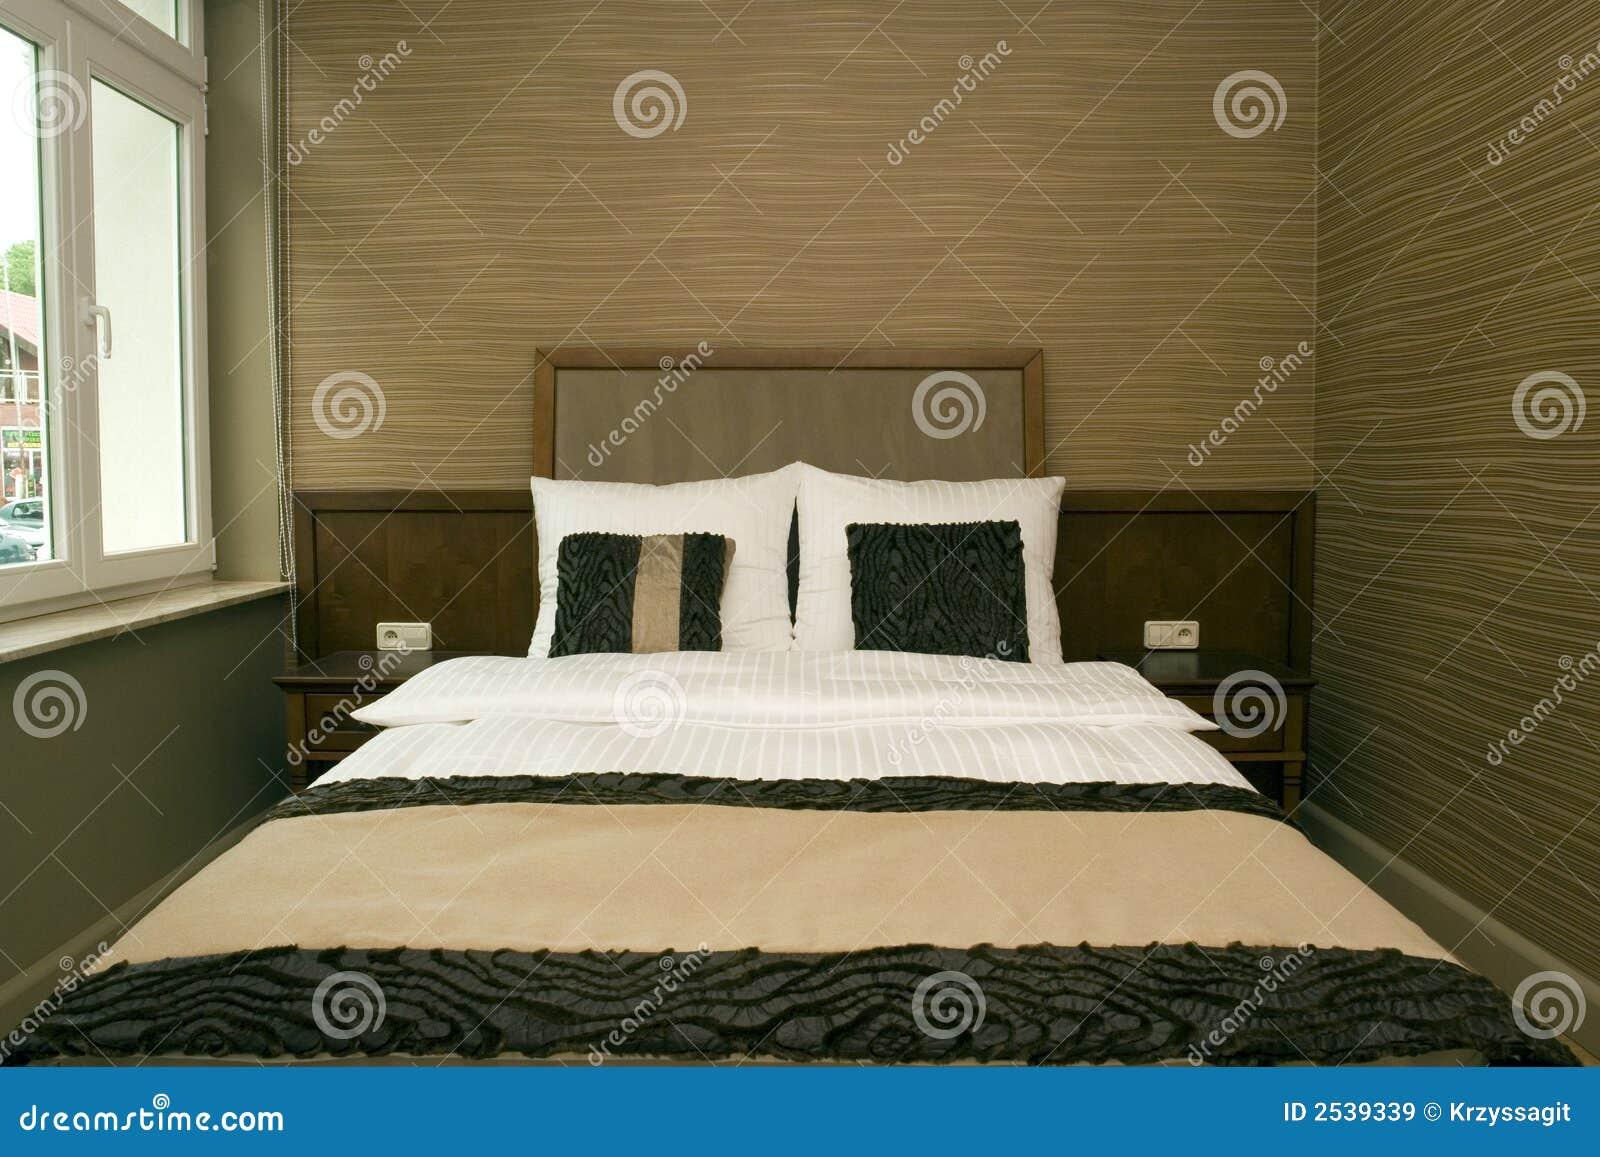 moderne slaapkamer stock afbeelding afbeelding bestaande uit ruimte 2539339